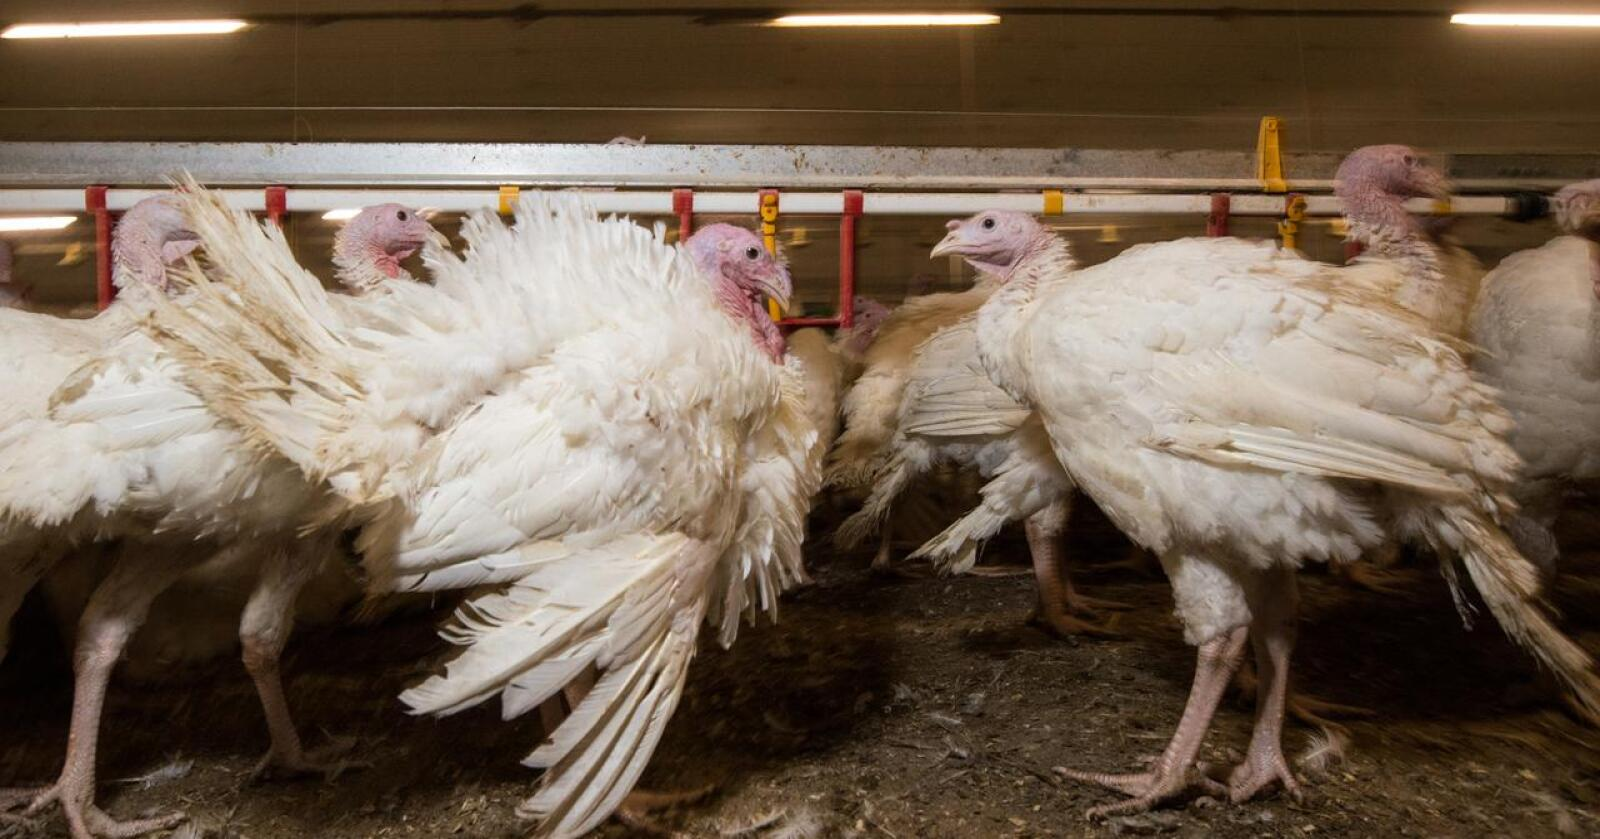 I løpet av ei veke er det avliva 40.000 kalkunar i Danmark, på grunn av fugleinfluensa. Foto: Vidar Sandnes